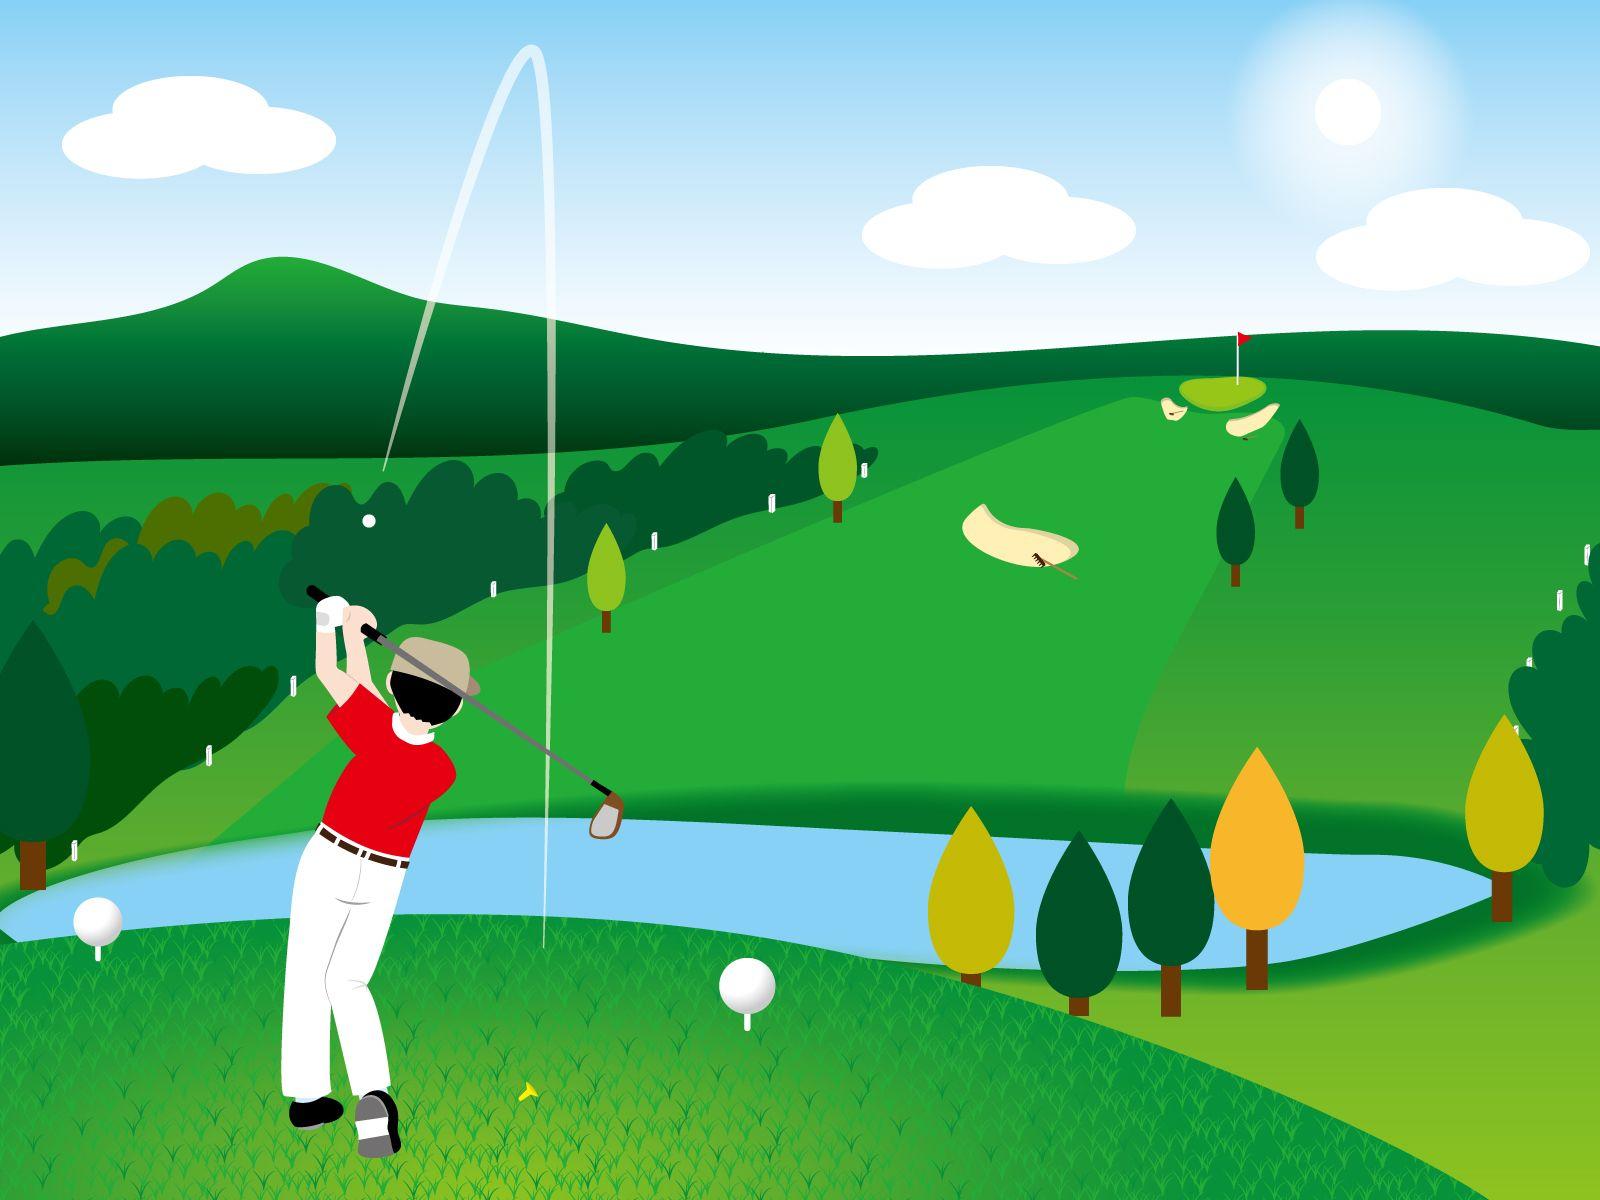 ファー ゴルフ